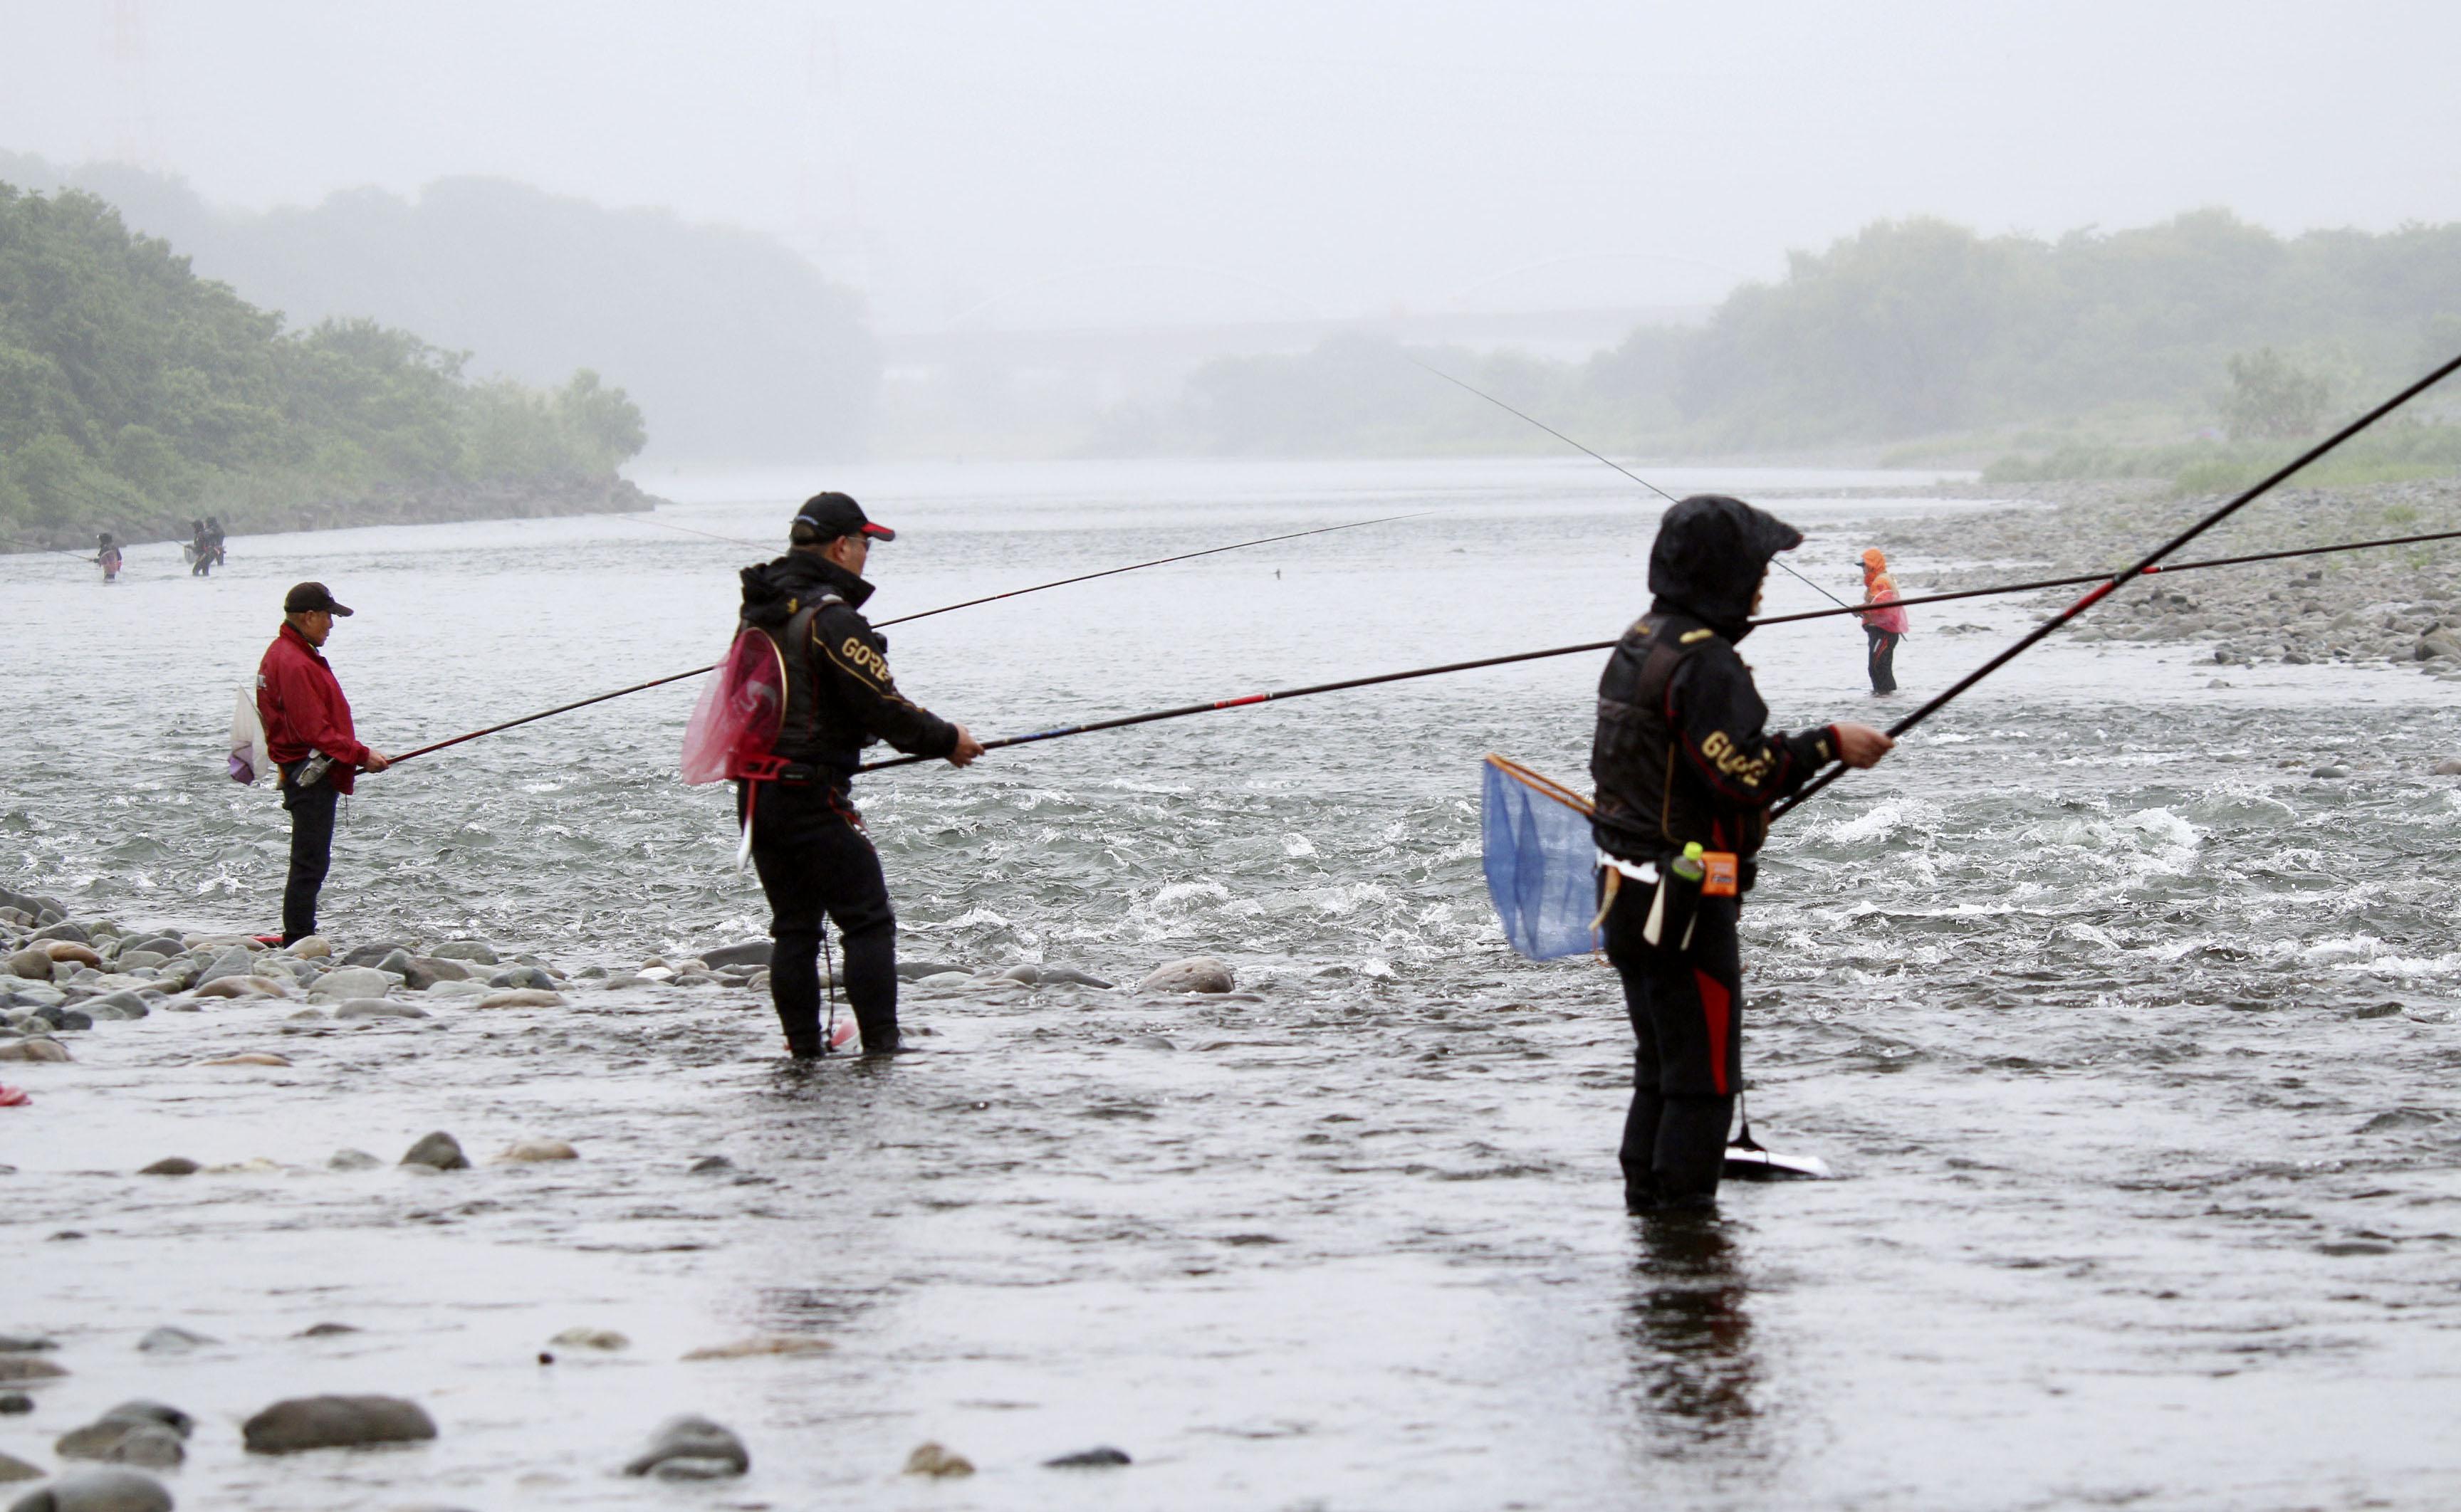 解禁日に相模川でアユ釣りを楽しむ人たち=1日午前、相模原市